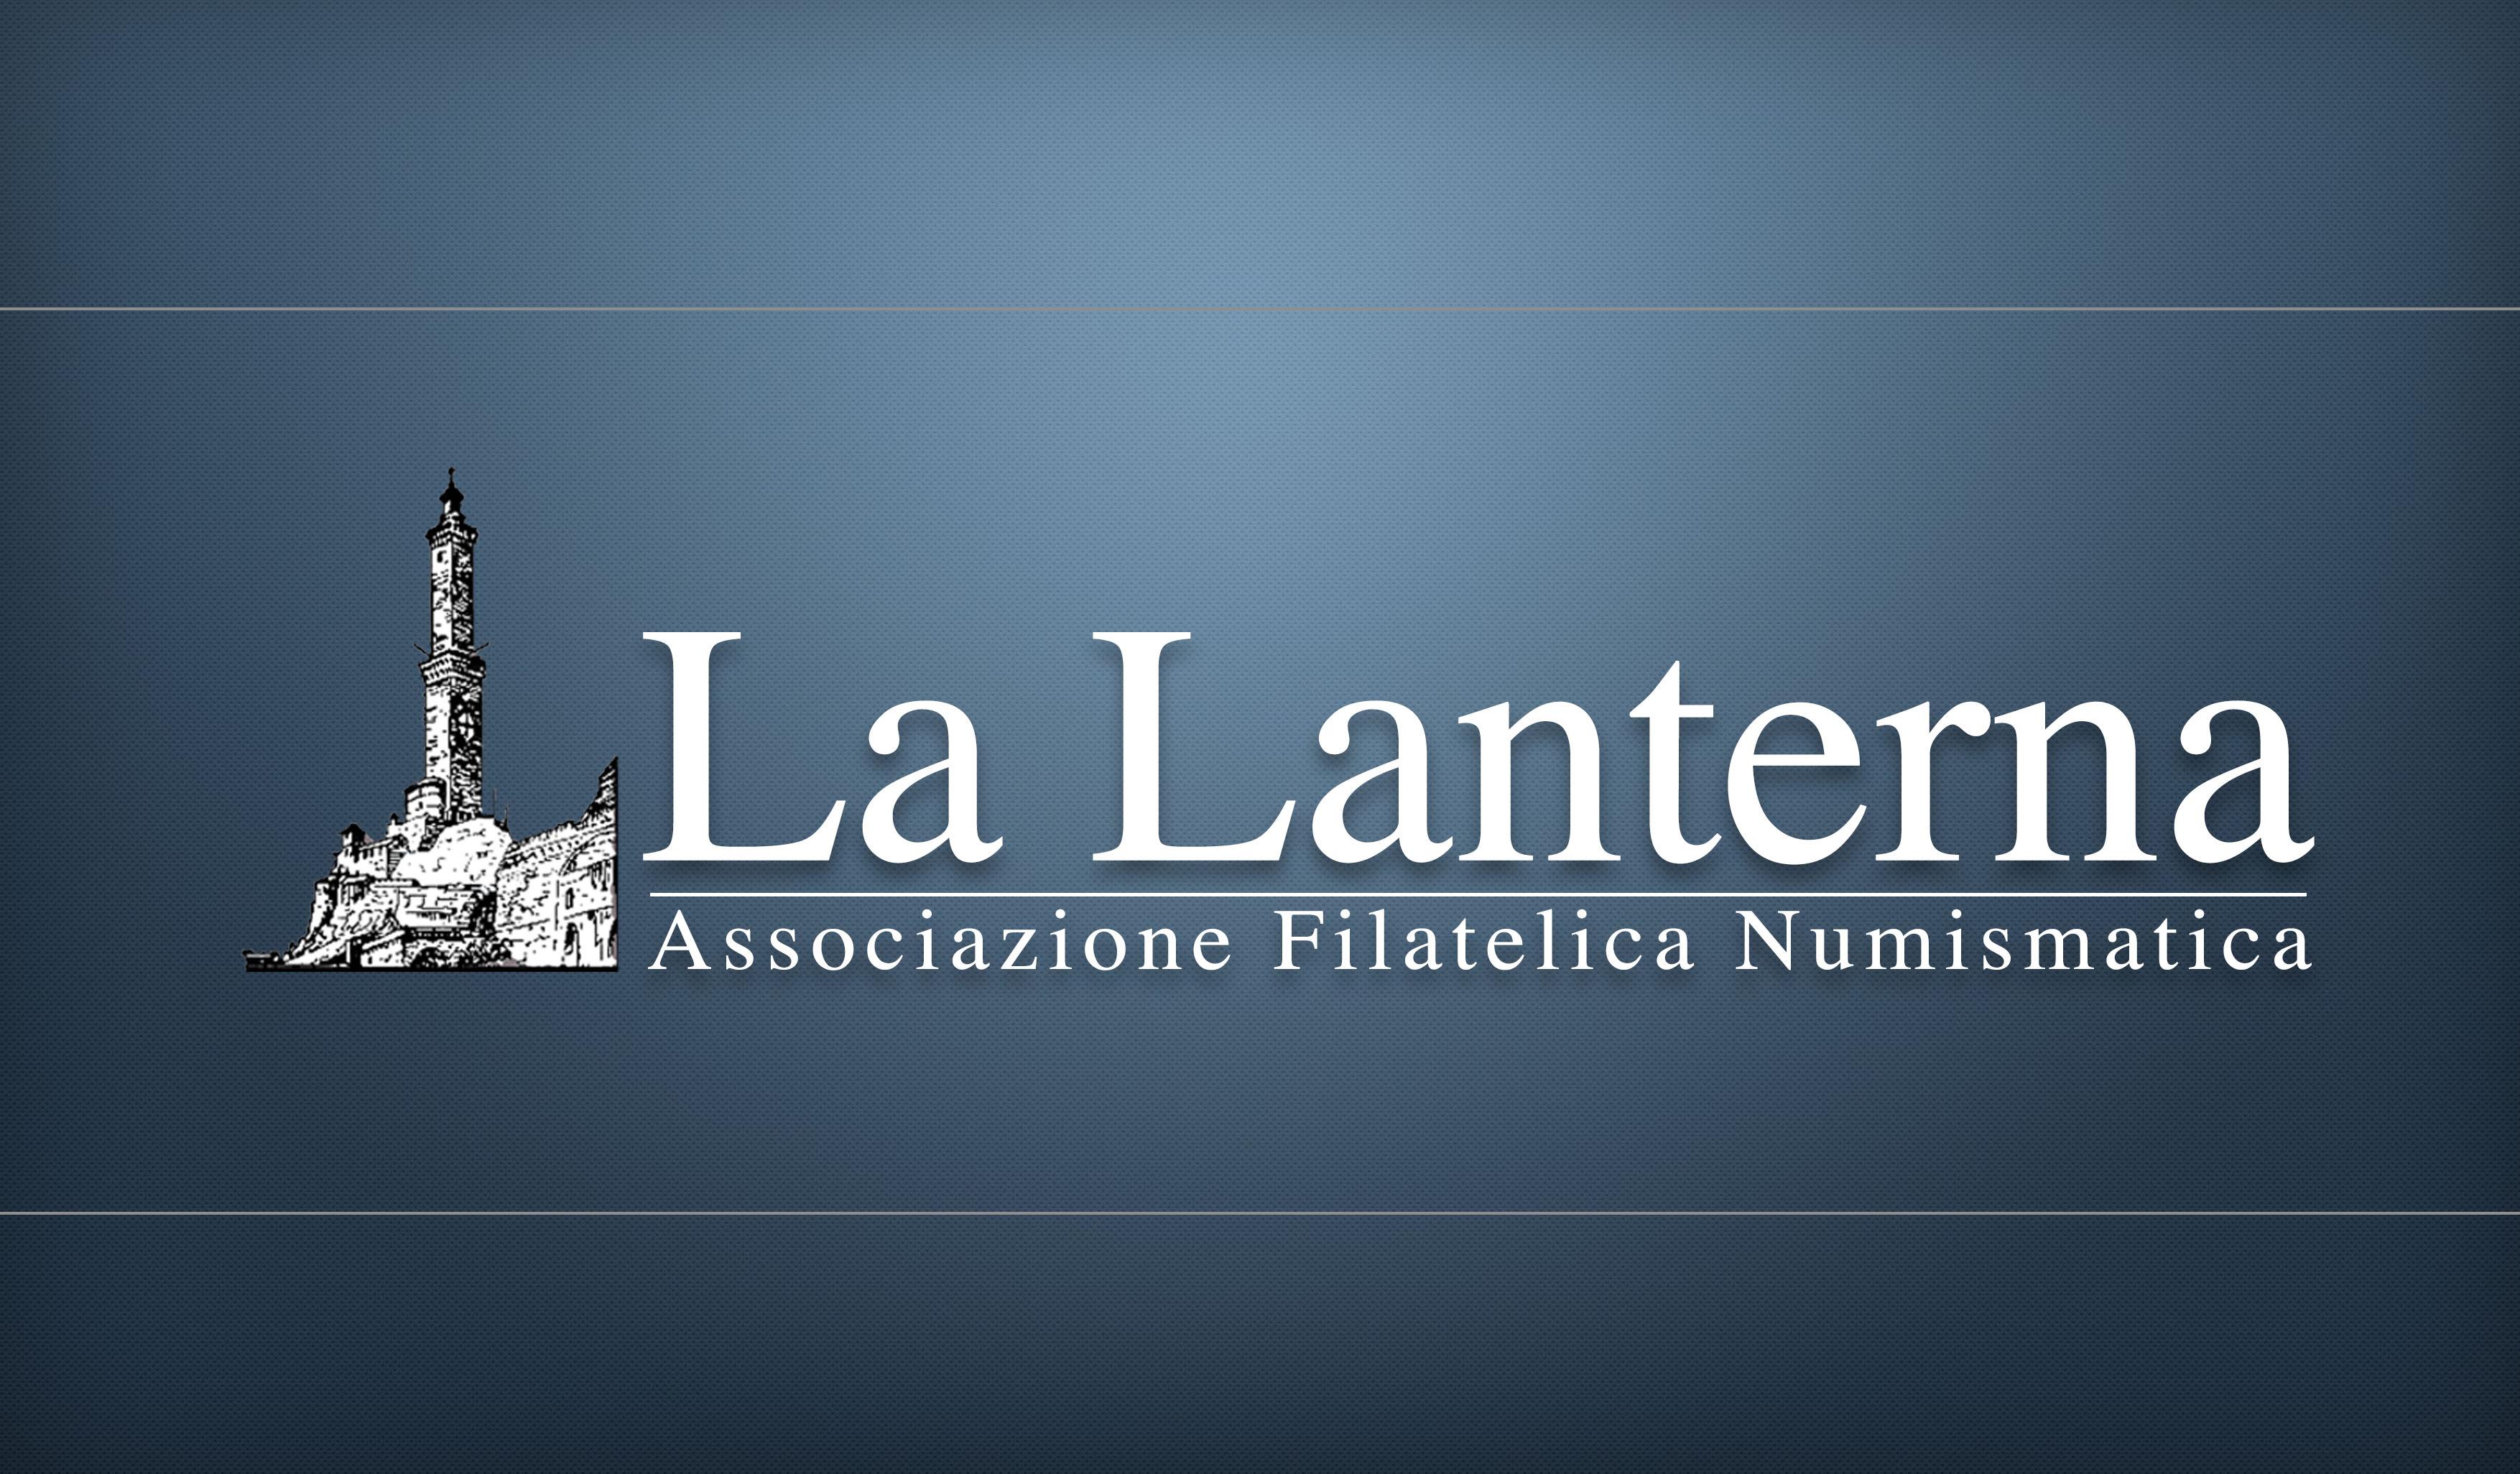 Lanternafilnum